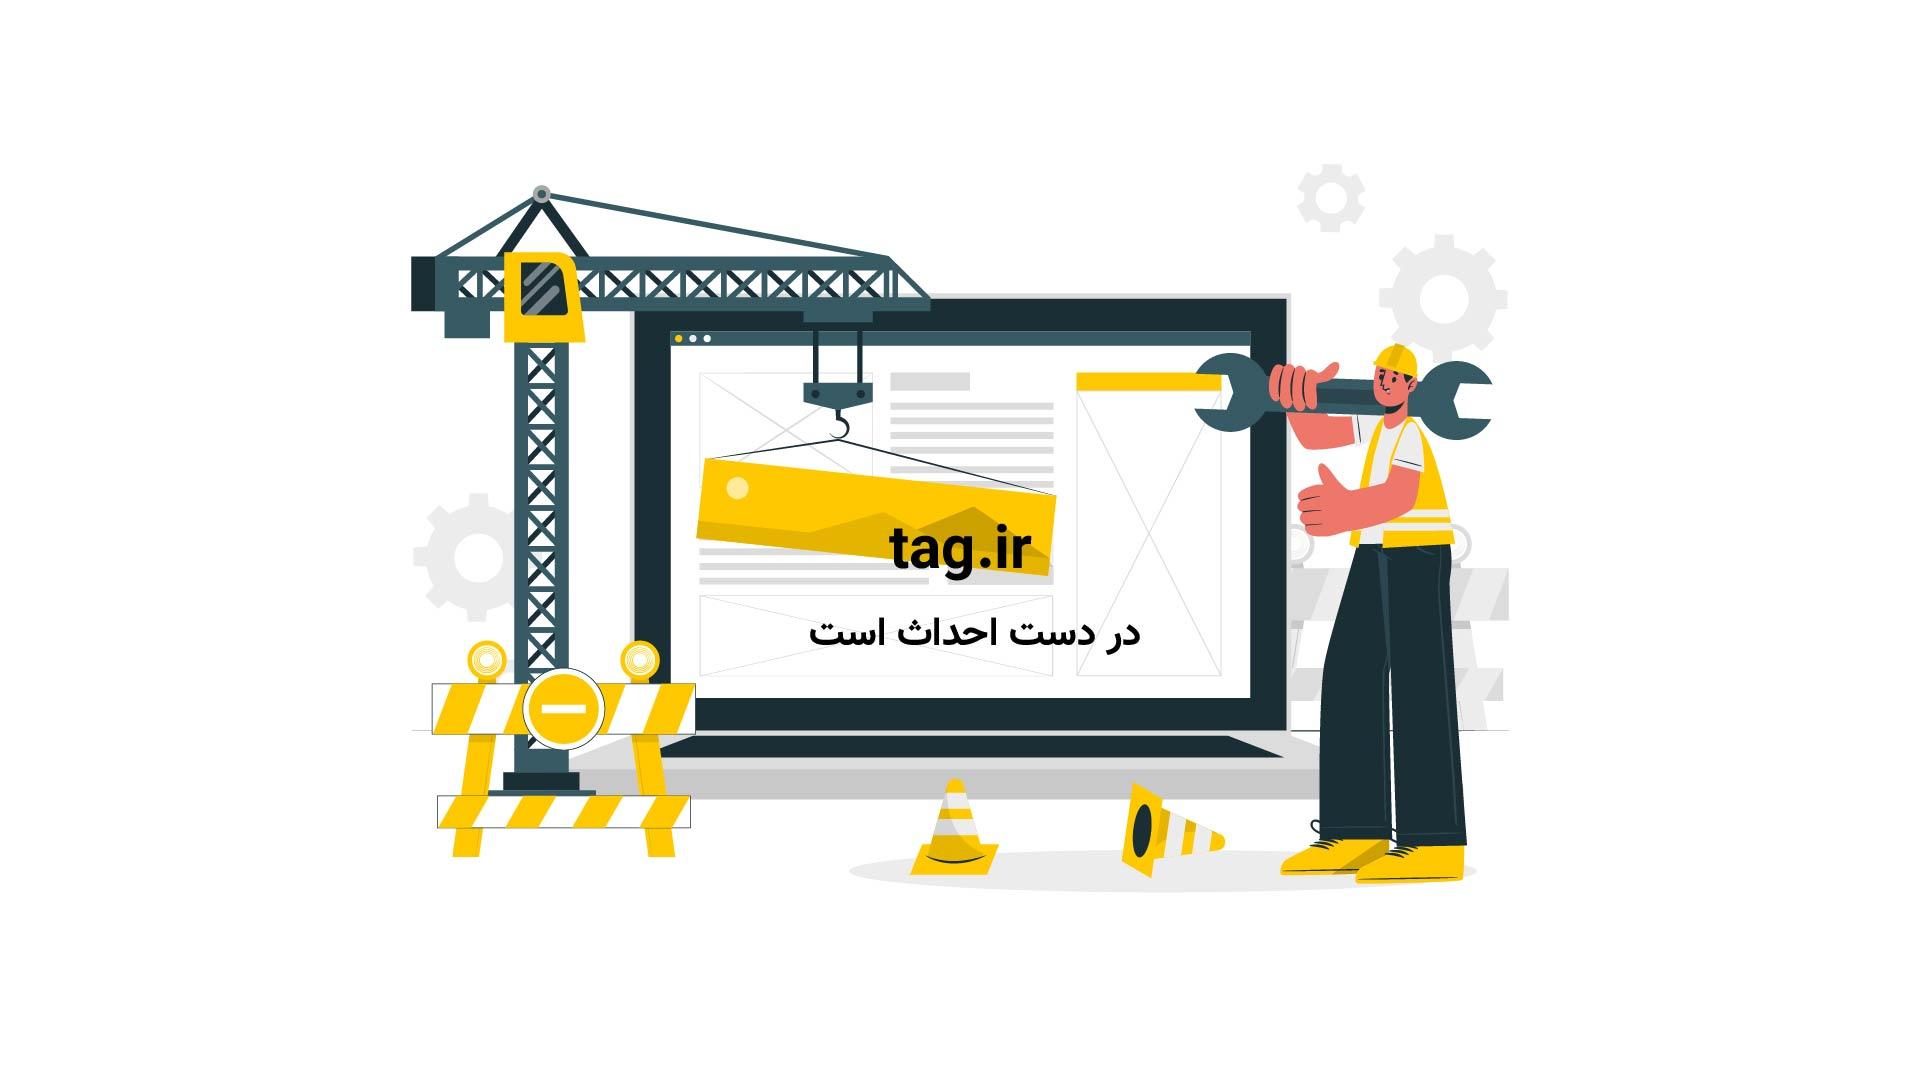 رییس جمهور در دیدار اعضای شورای اسلامی شهر تهران | فیلم